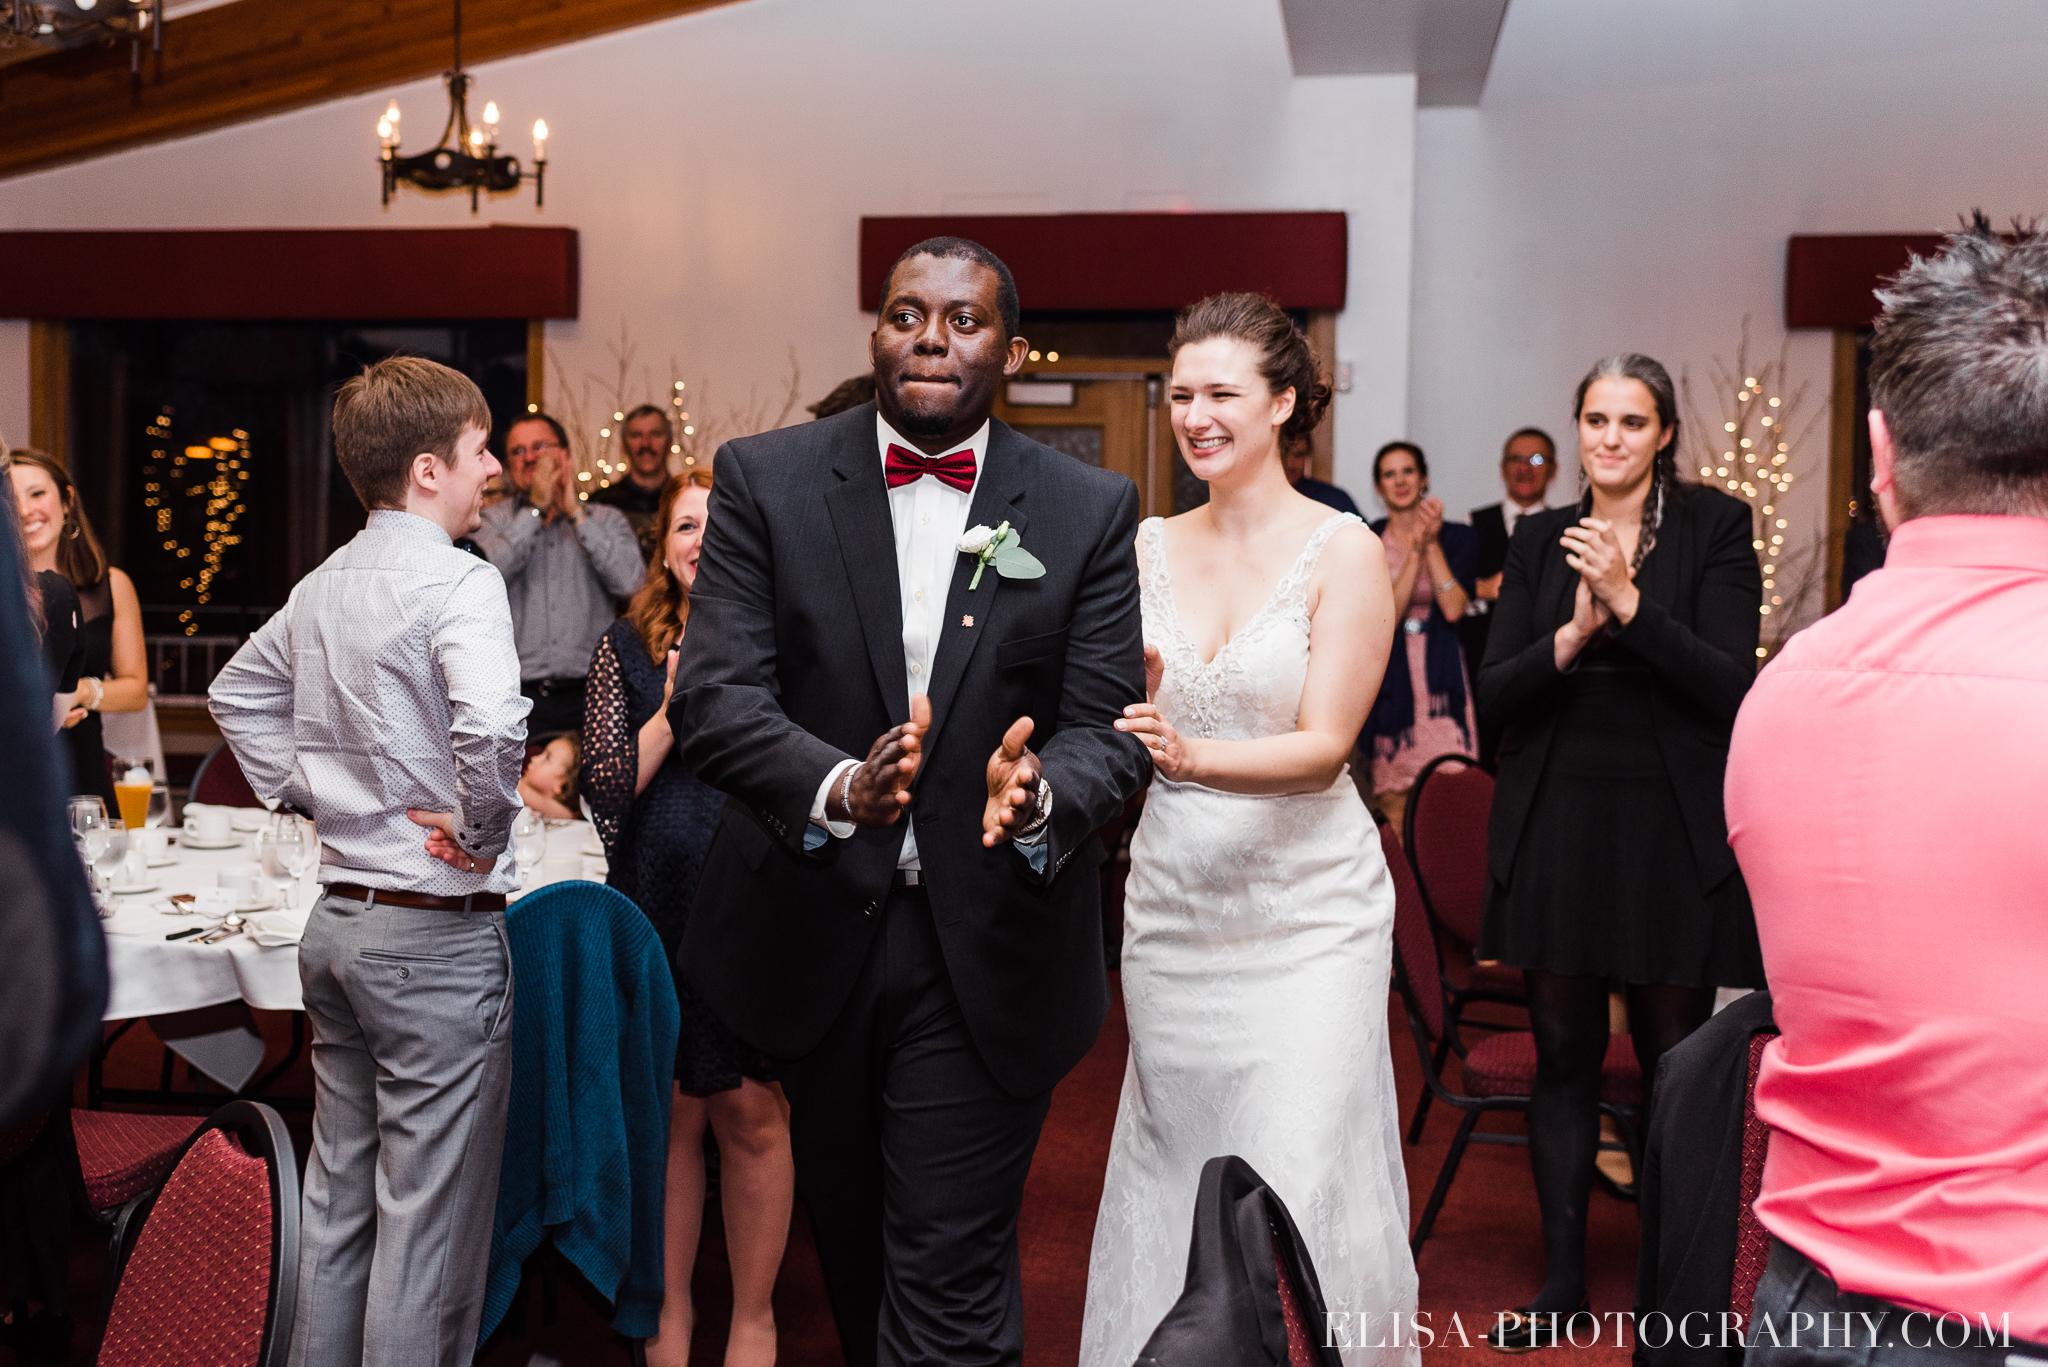 photo mariage reception toast coupe du gateau ville de quebec golf de cap rouge 8410 - Mariage au Golf de Cap-Rouge, ville de Québec: Stéphanie & William